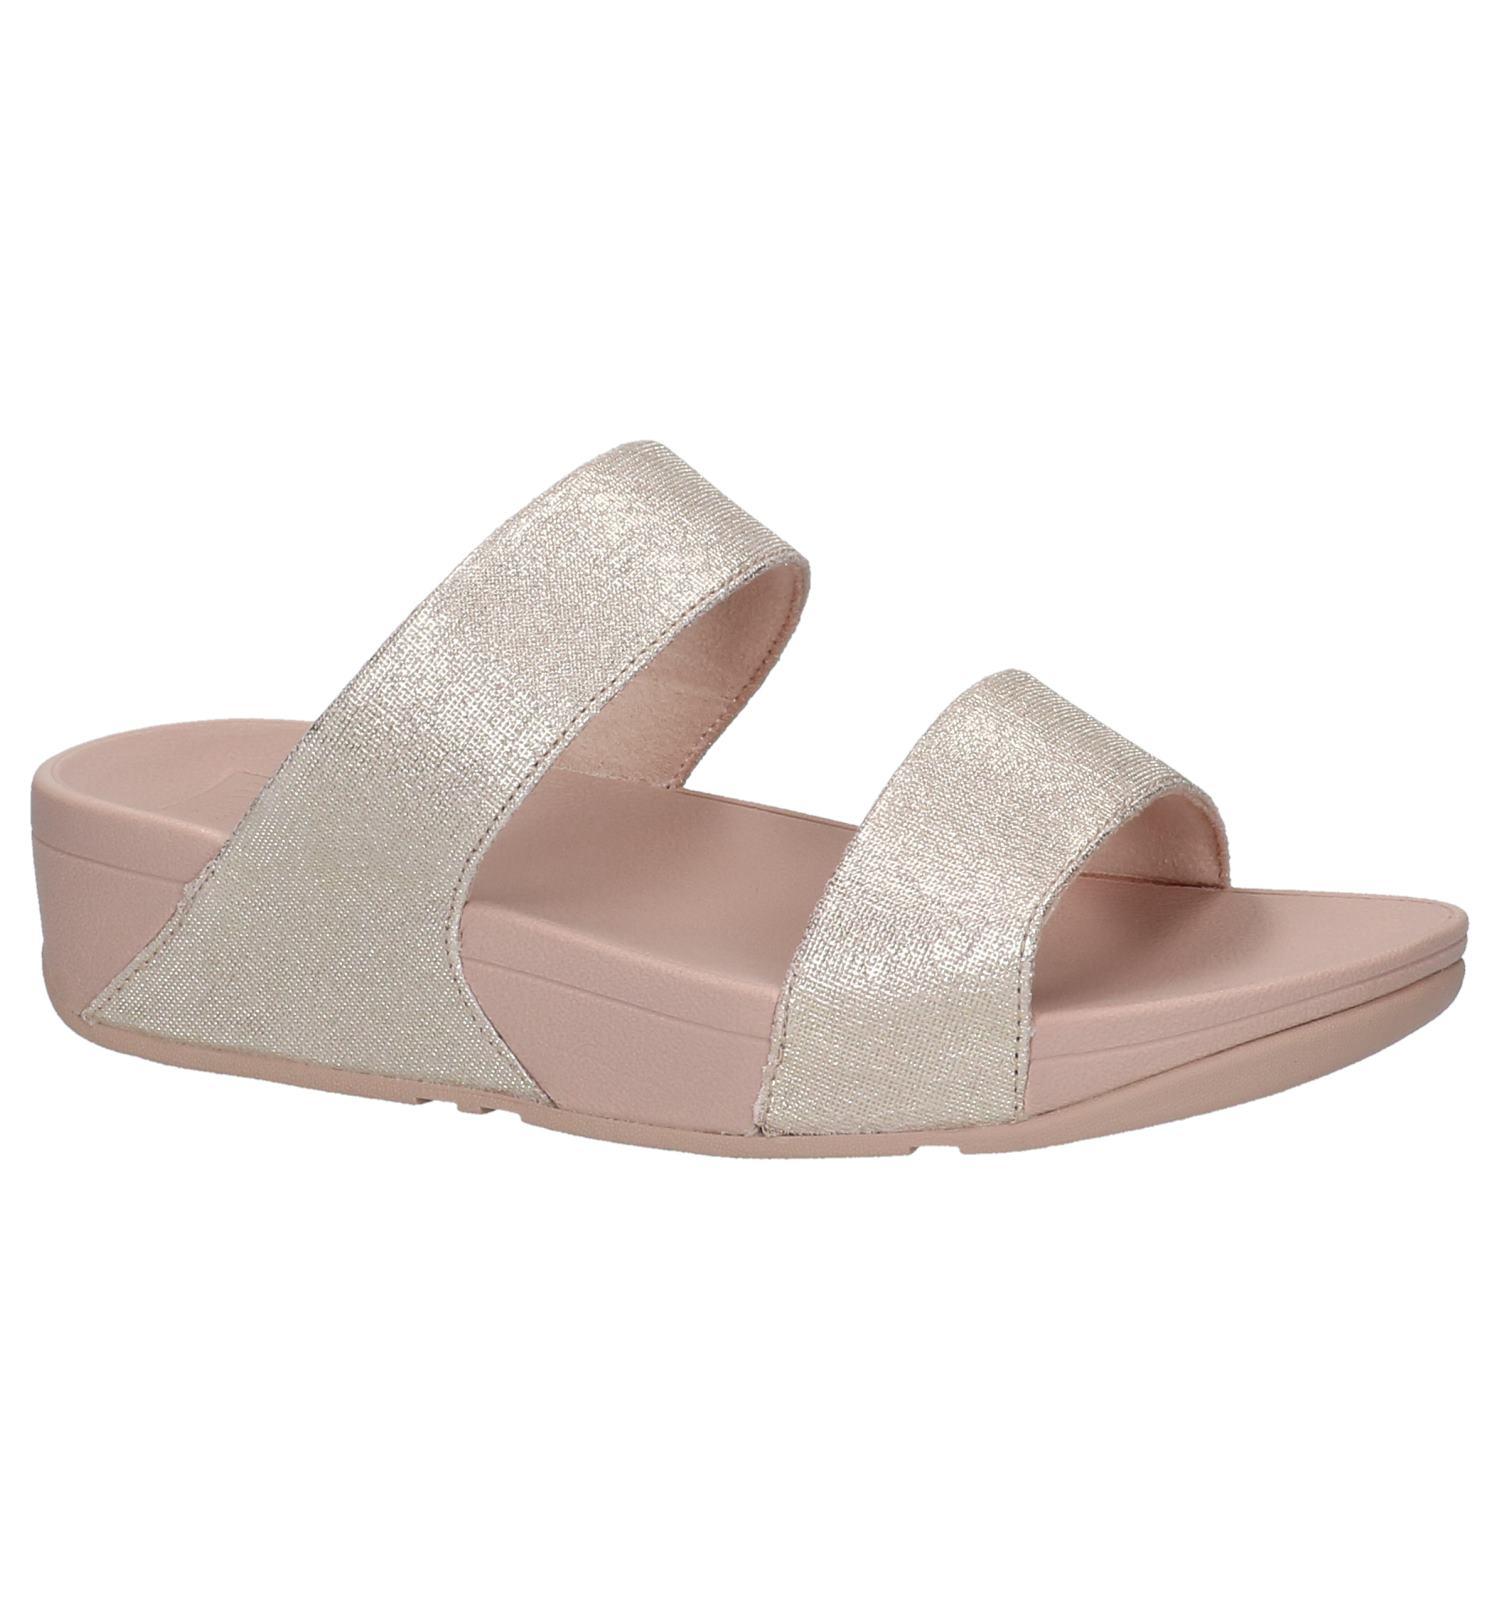 af69d5c68c09 Rode Gold Slippers FitFlop Shimmy Slide Sandals Foil Print